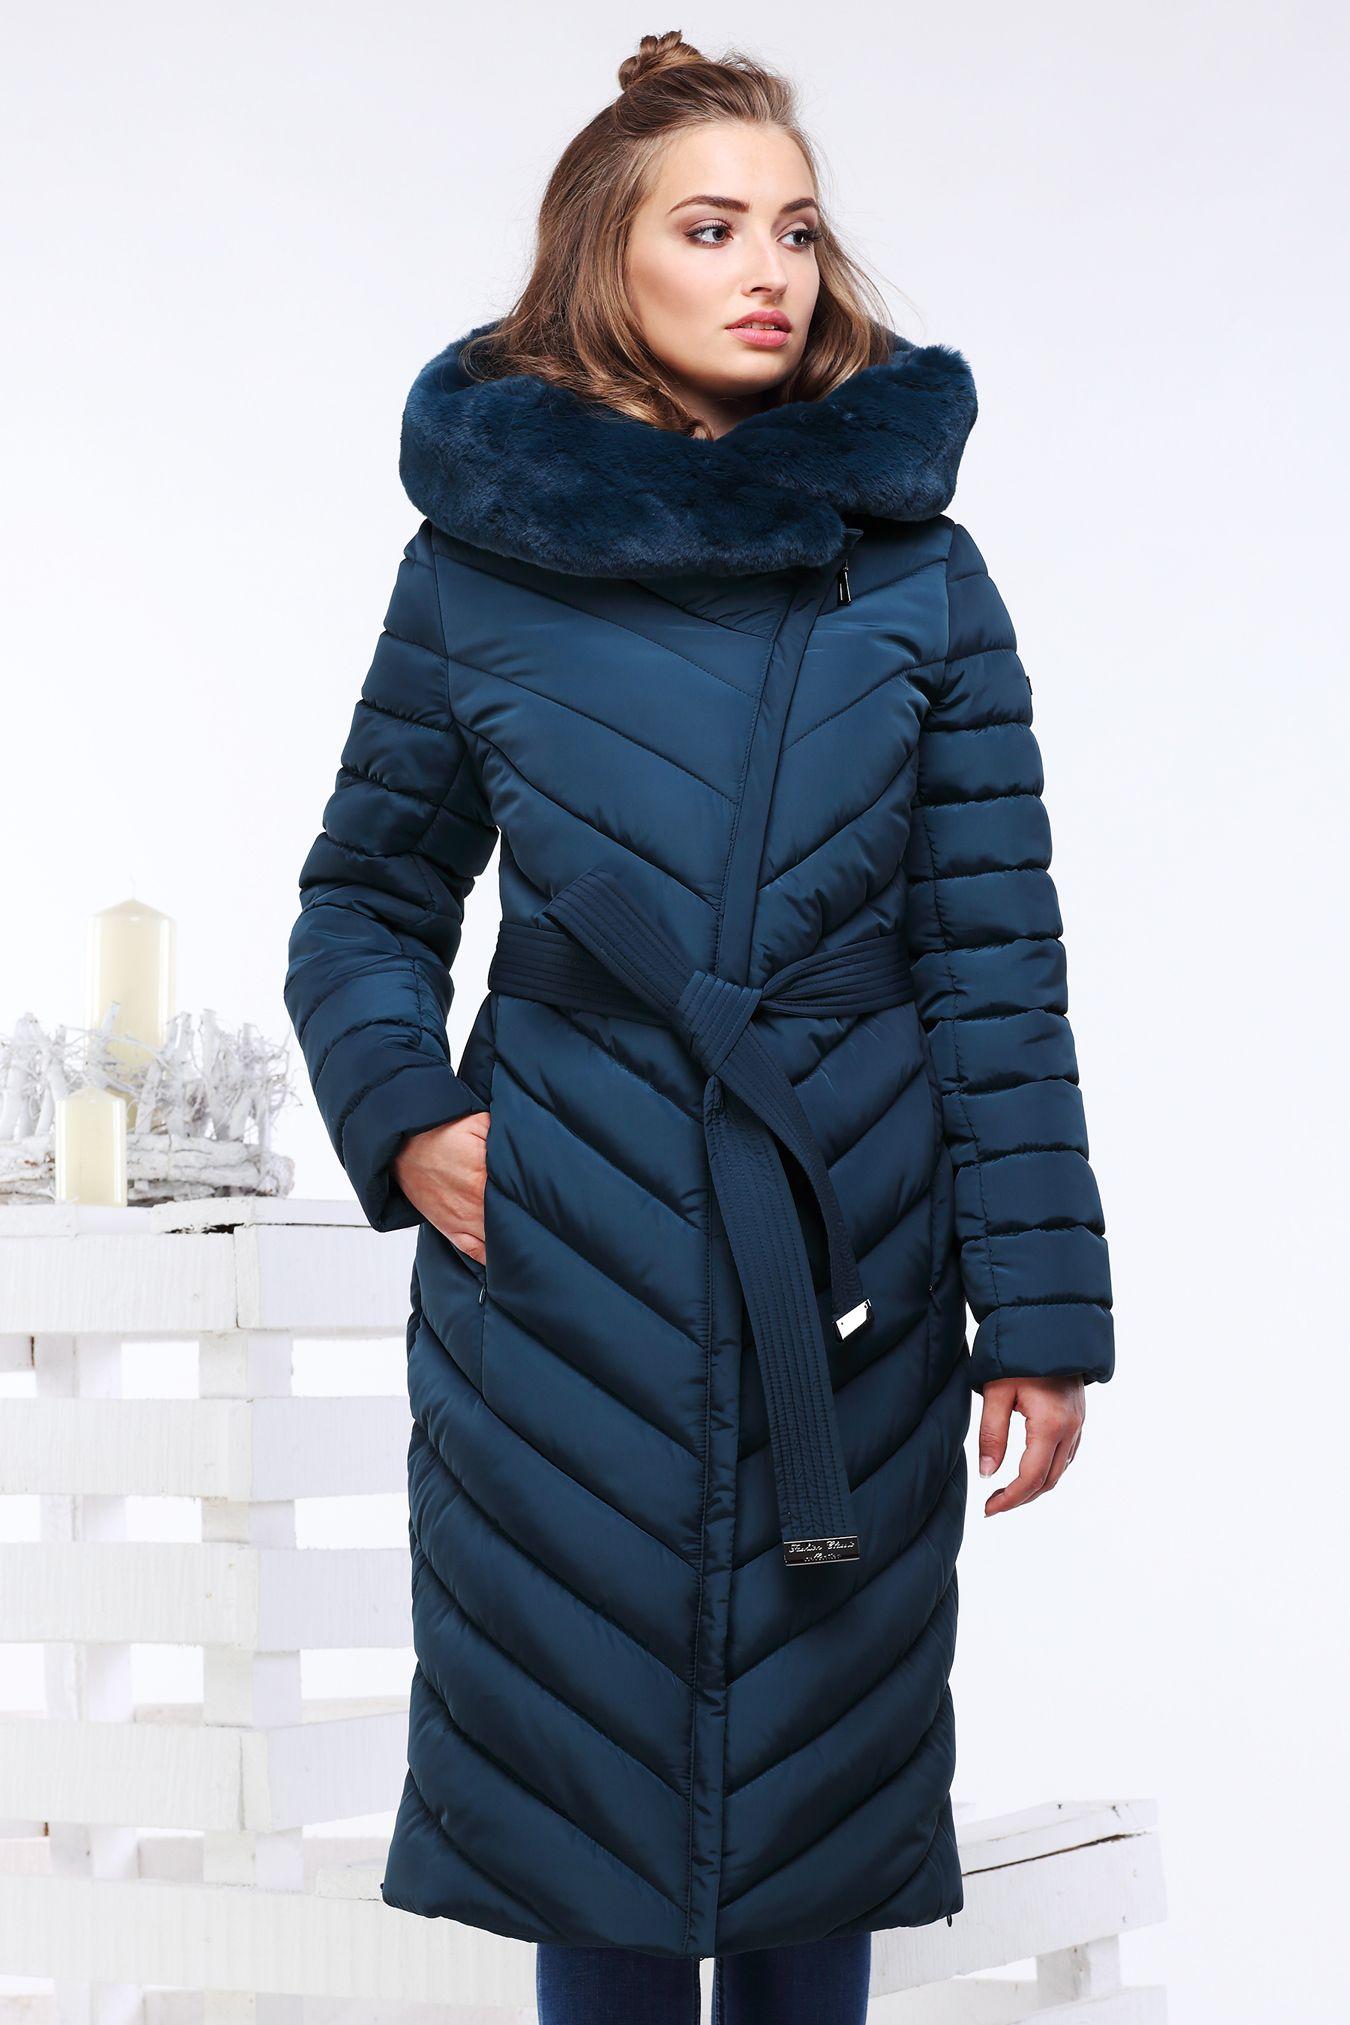 249865c6c2ed Зимнее стеганое одеяло пуховик Фелиция 2 от Nui Very - зимняя куртка  женская 2017, зимний